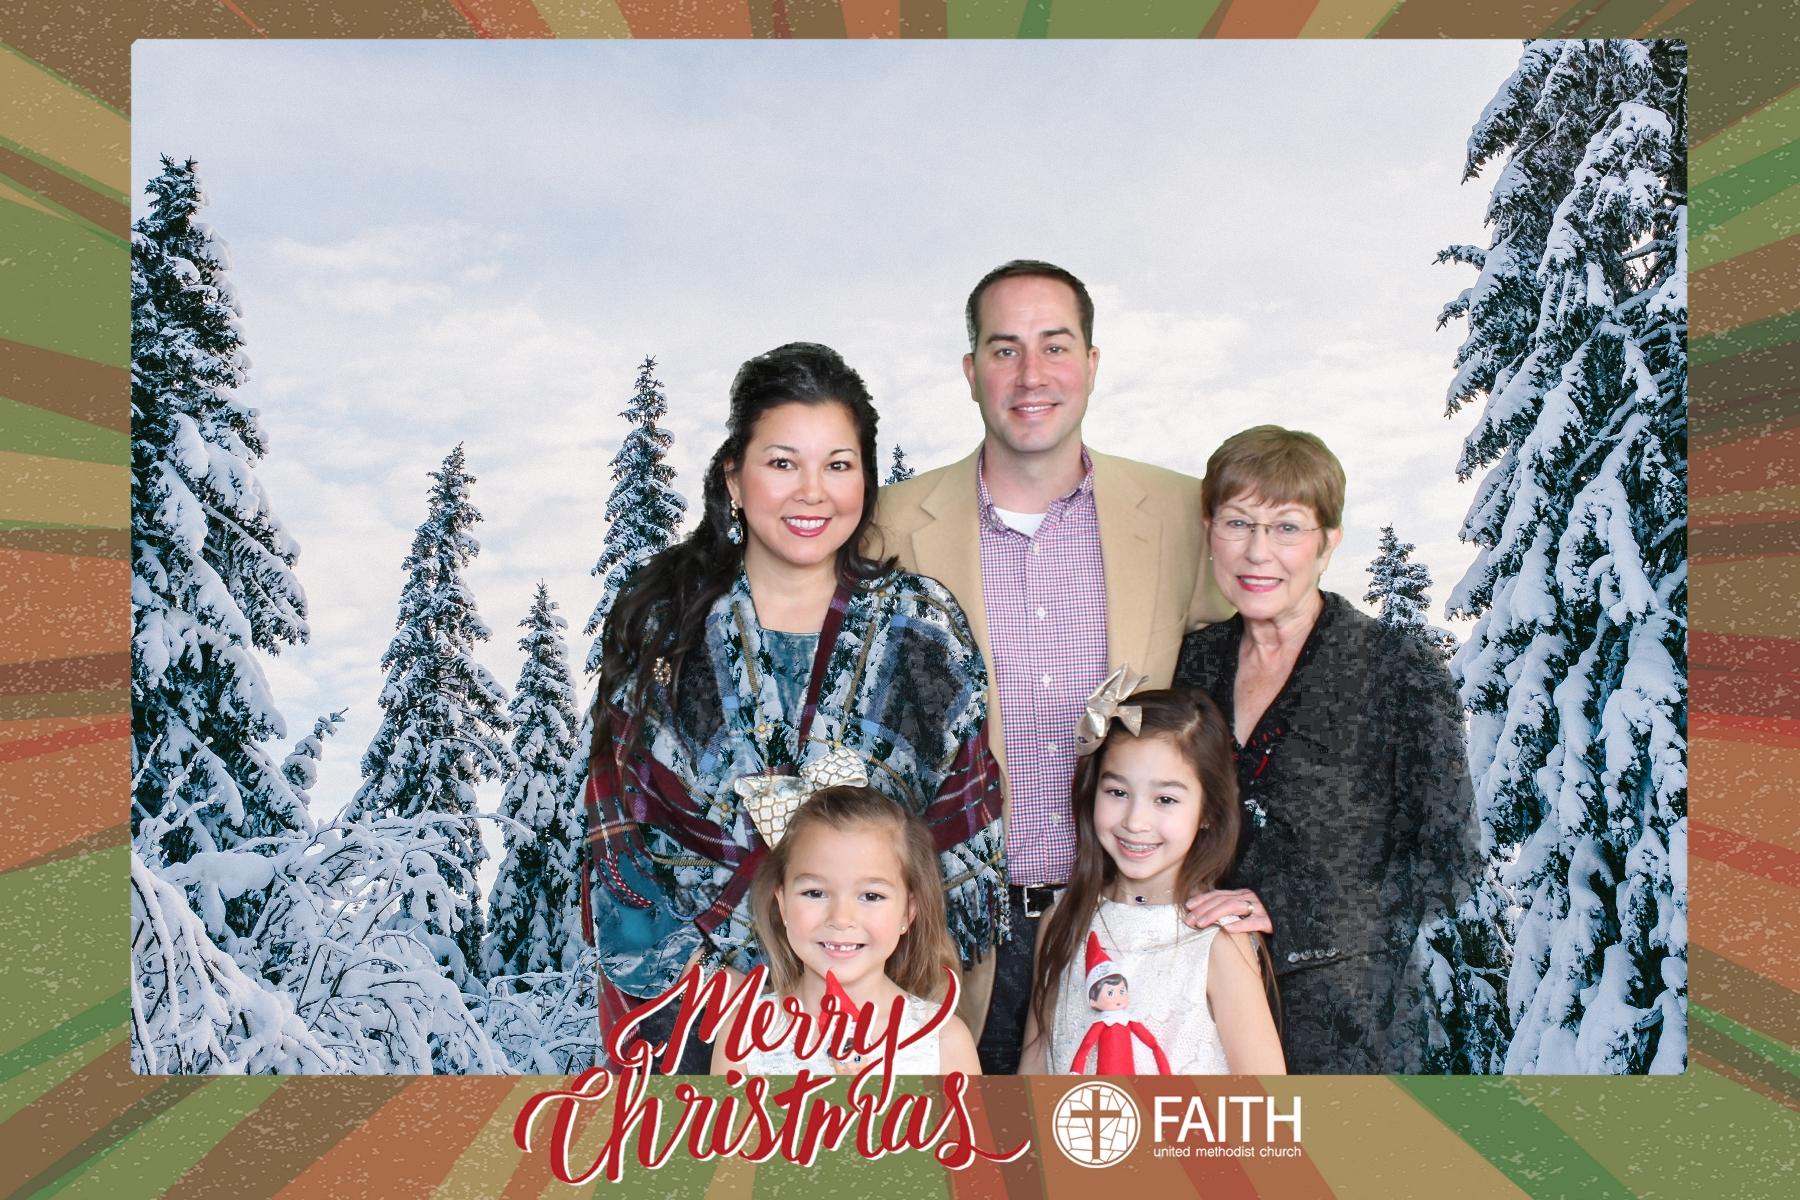 Faith2018_2018-12-24_15-21-37.jpg